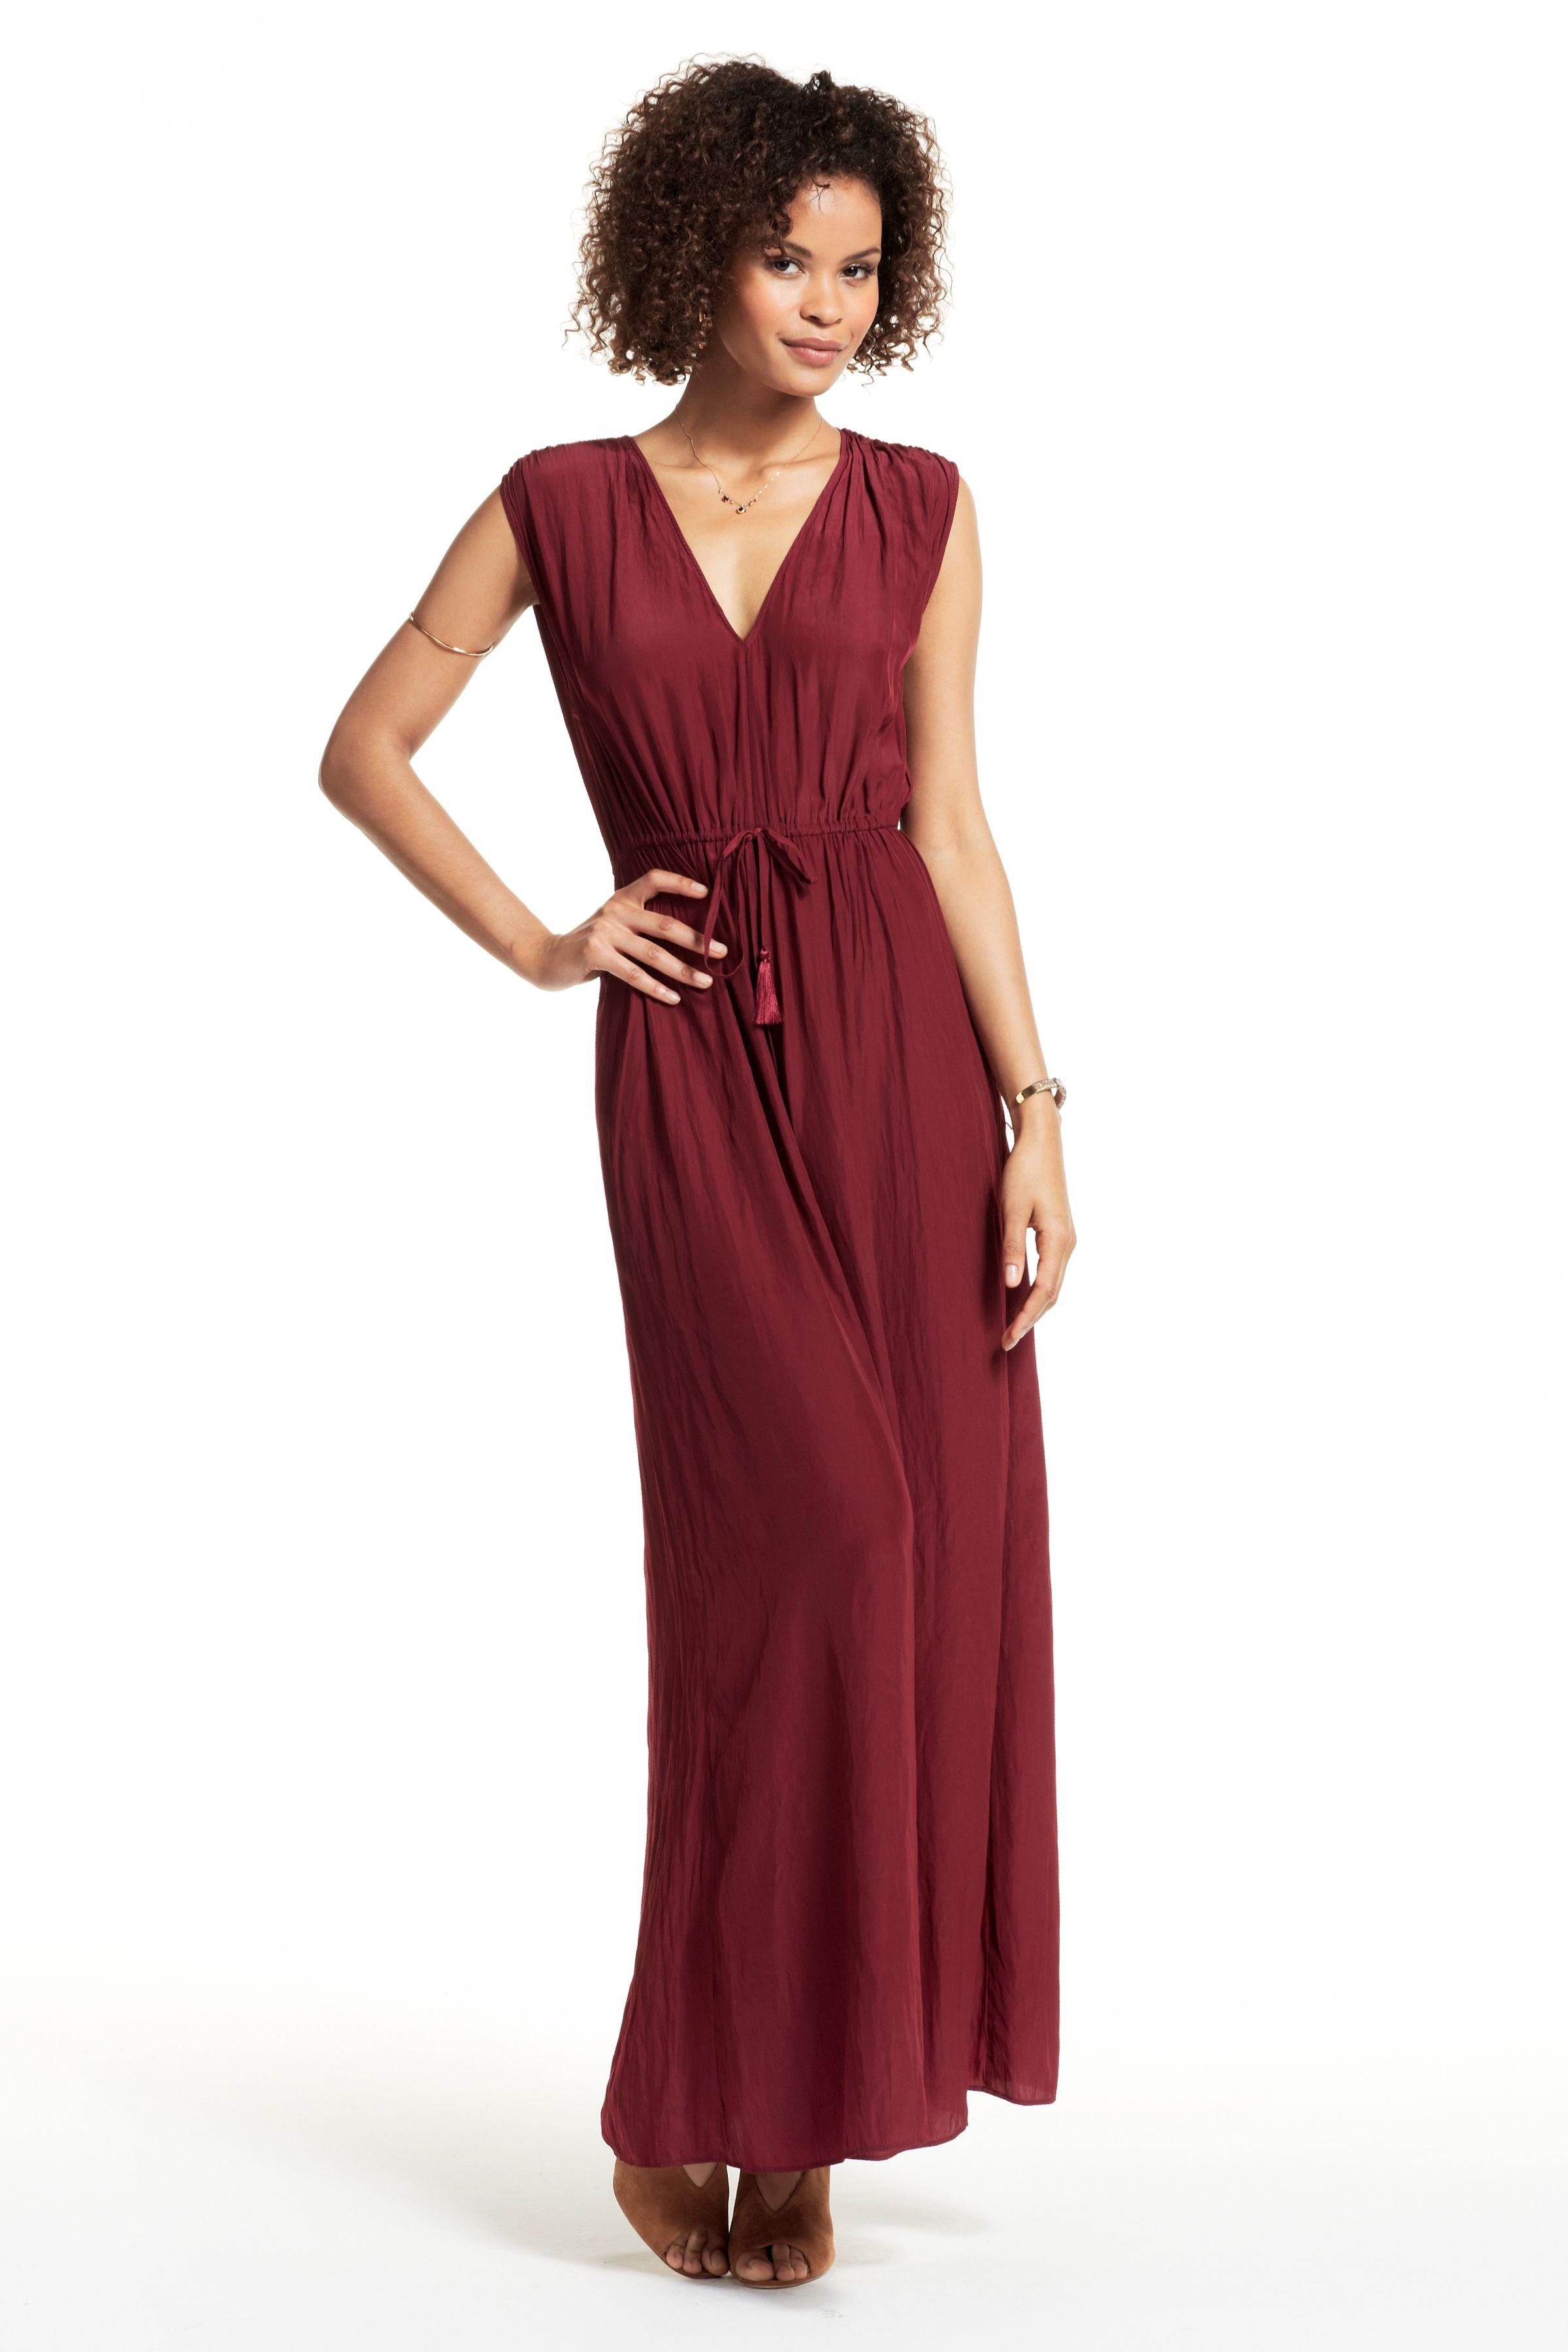 17++ Calypso st barth maxi dress ideas in 2021